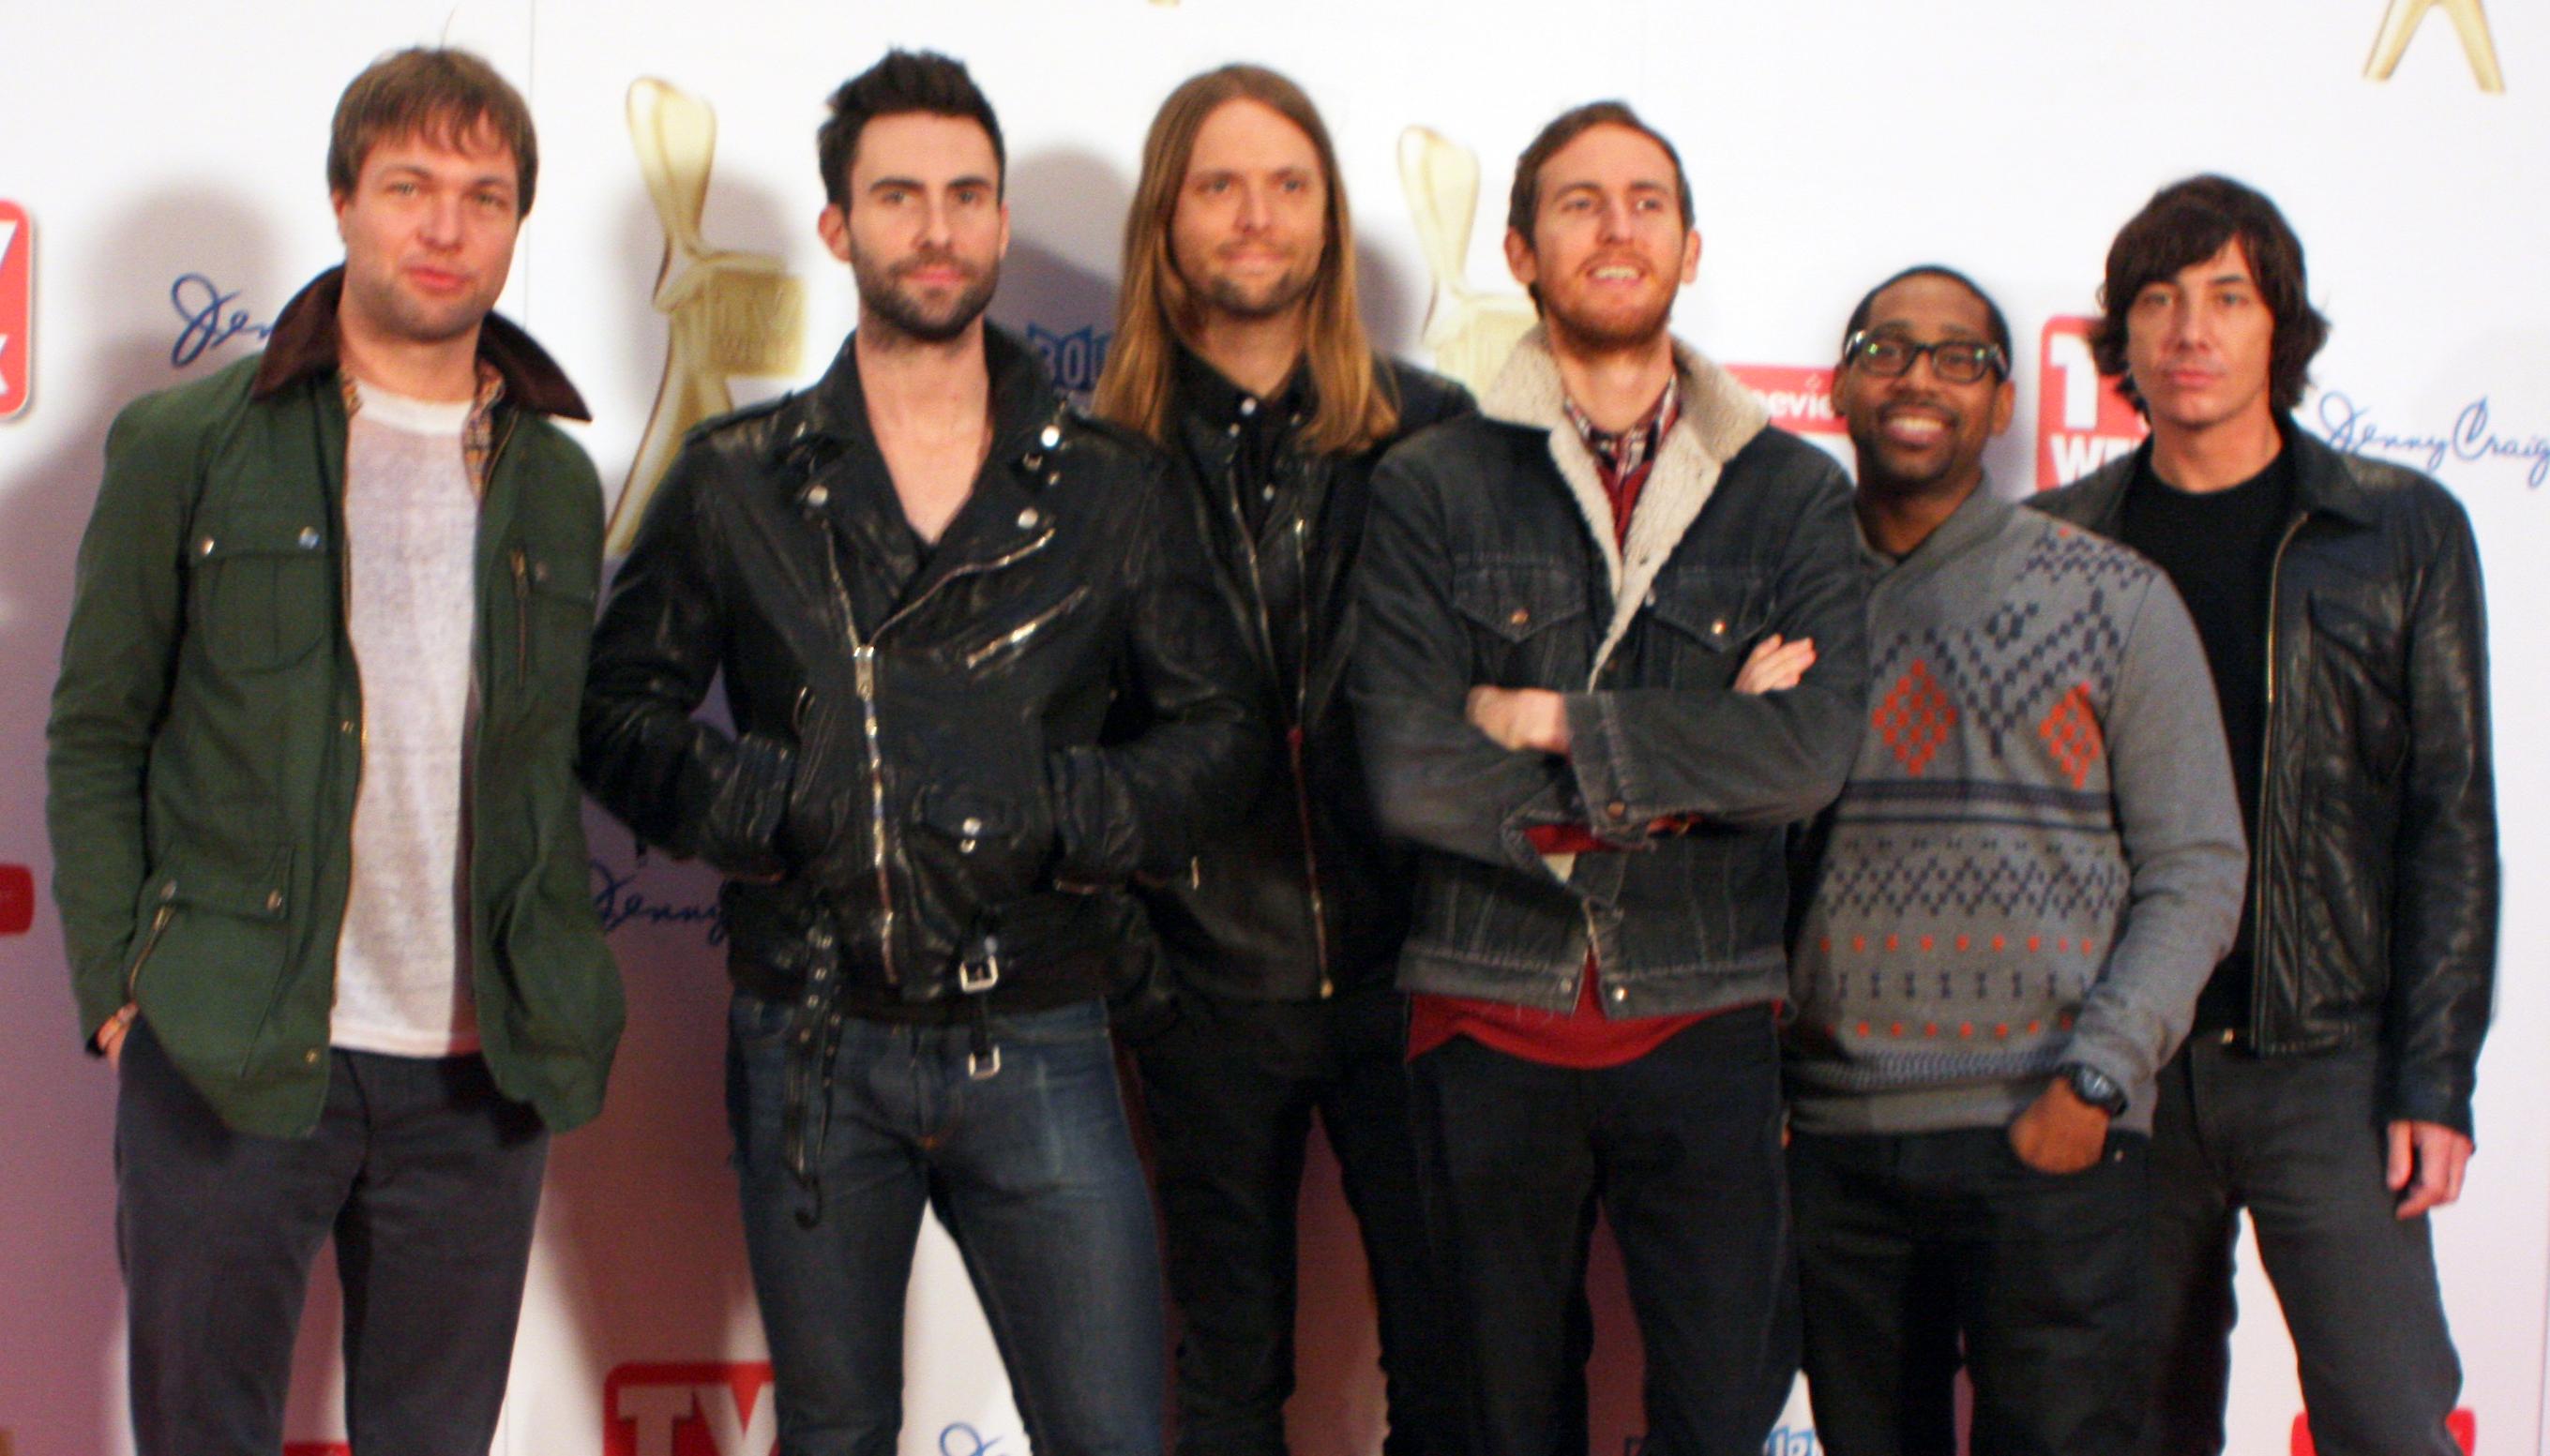 Maroon 5 - Wikipedia, the free encyclopedia